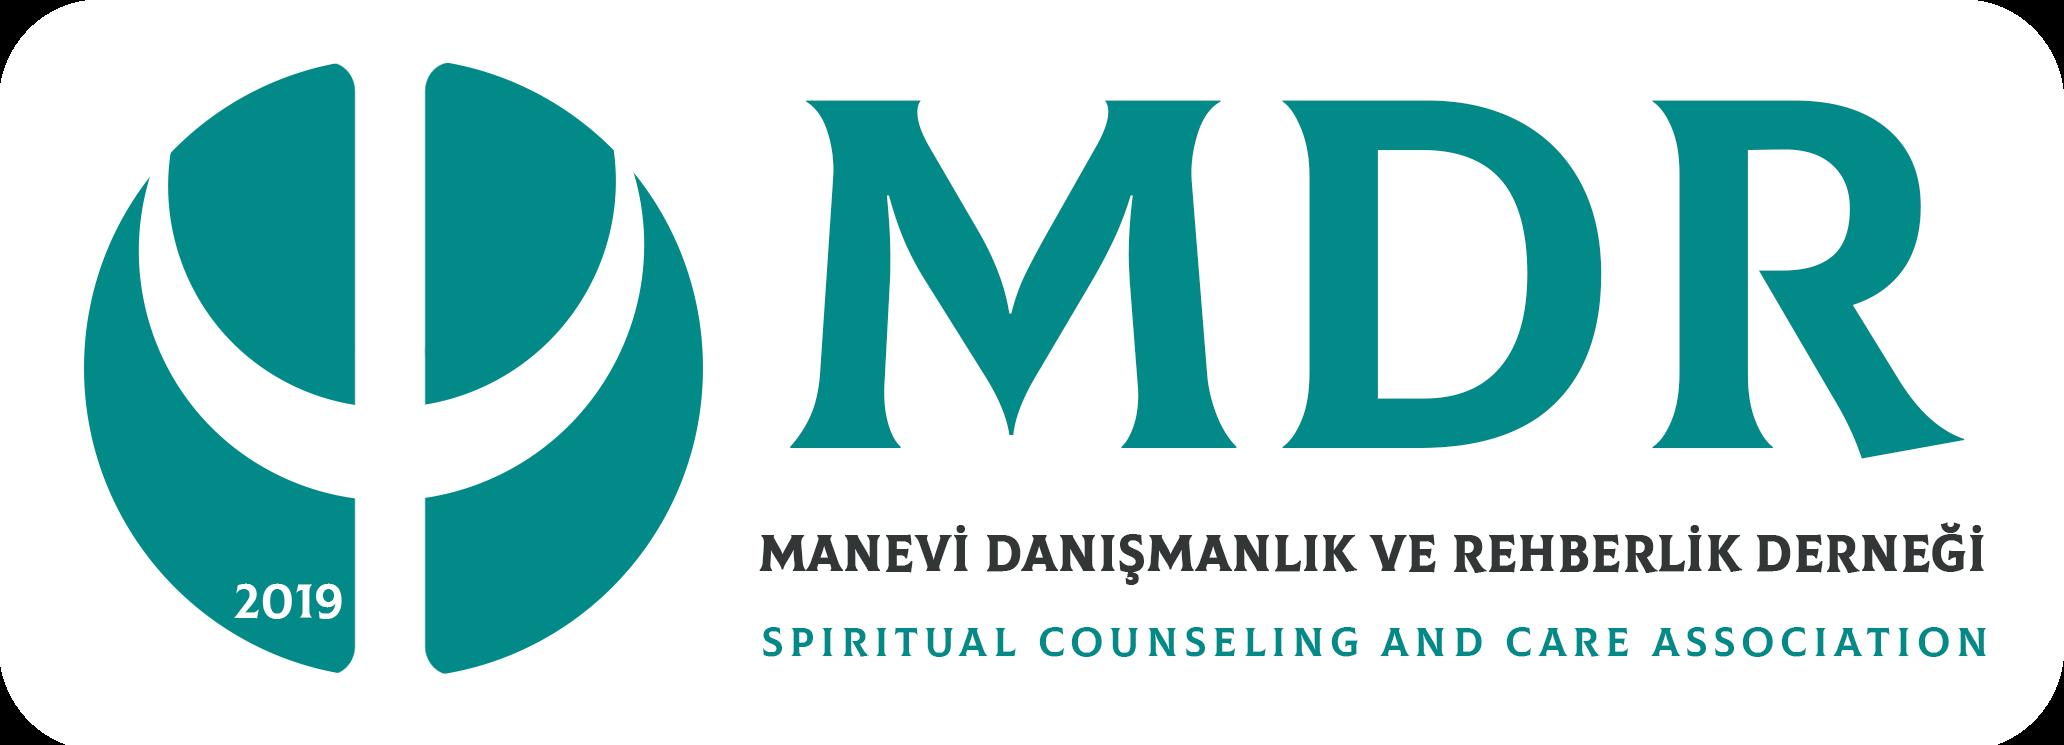 MDR | Manevi Danışmanlık ve Rehberlik Derneği